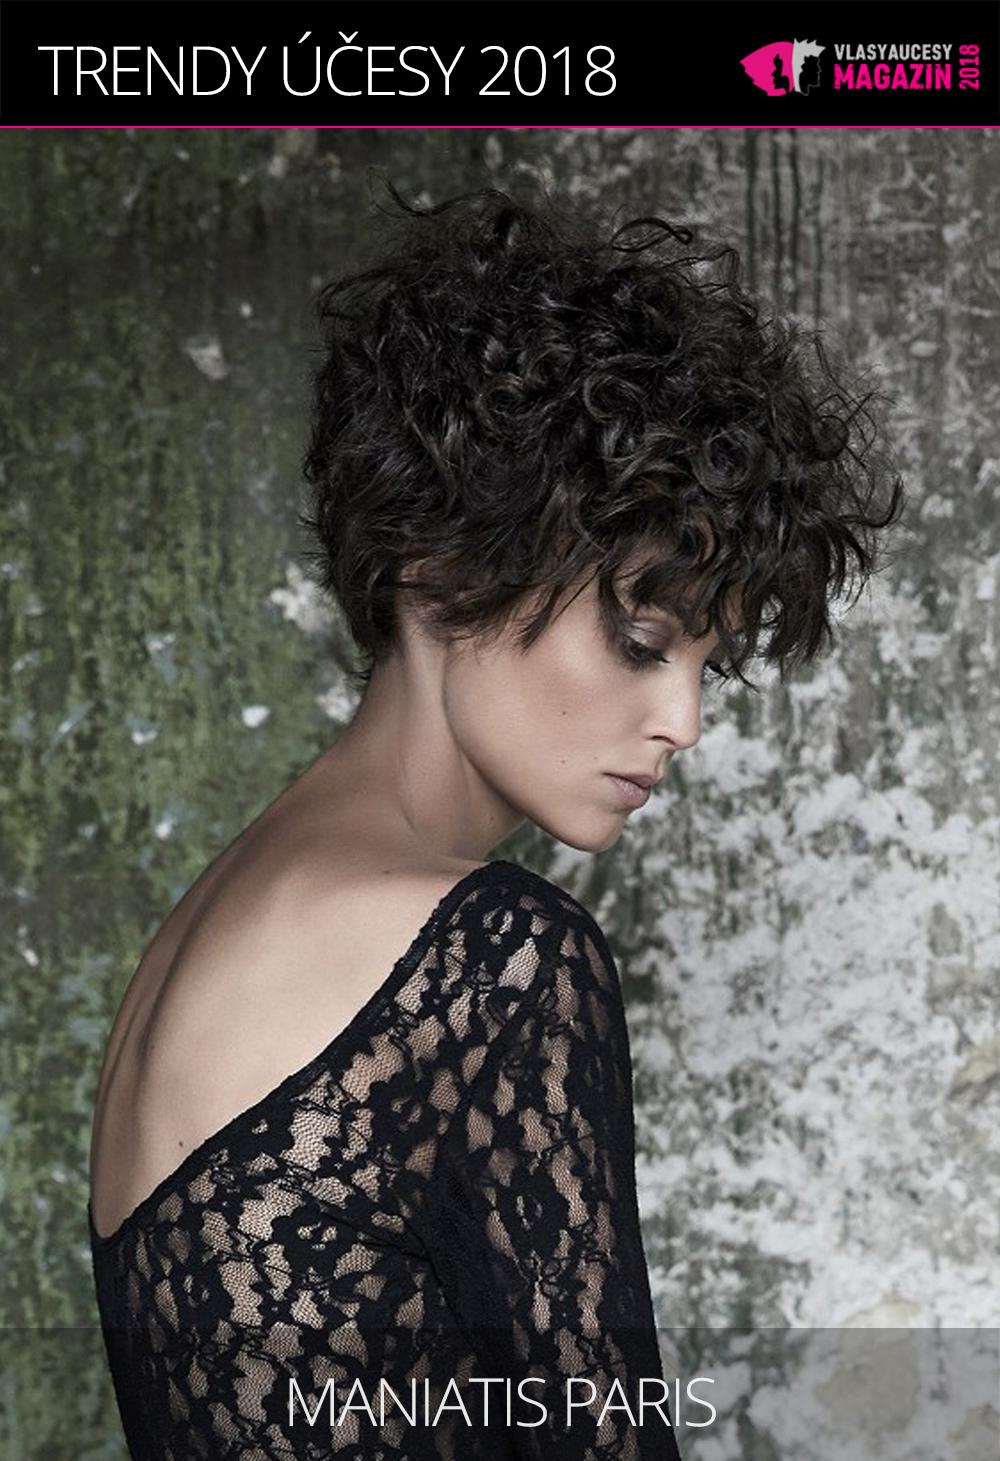 Hedvábné kudrny sluší všem délkám vlasů. (Maniatis Paris, Carré 4.0 Collection 2017-2018)